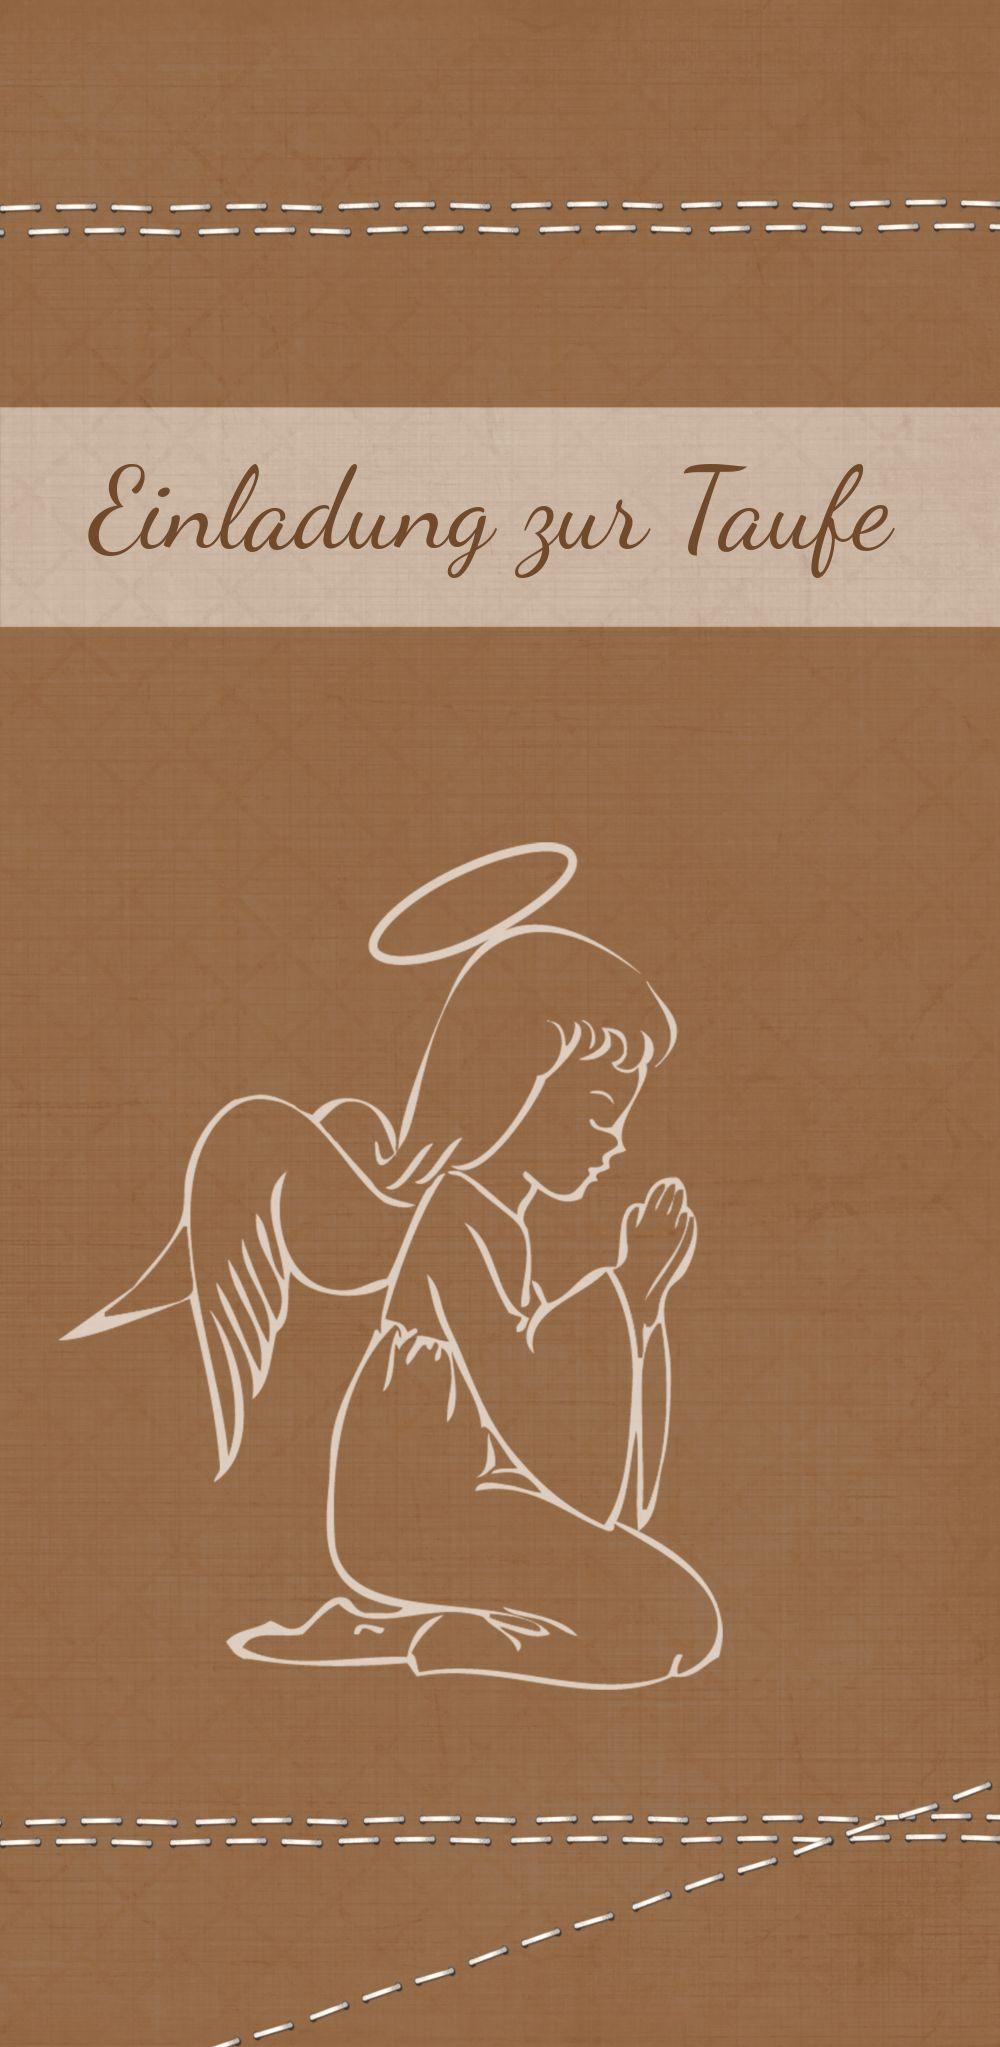 Ansicht 3 - Taufeinladung Engel